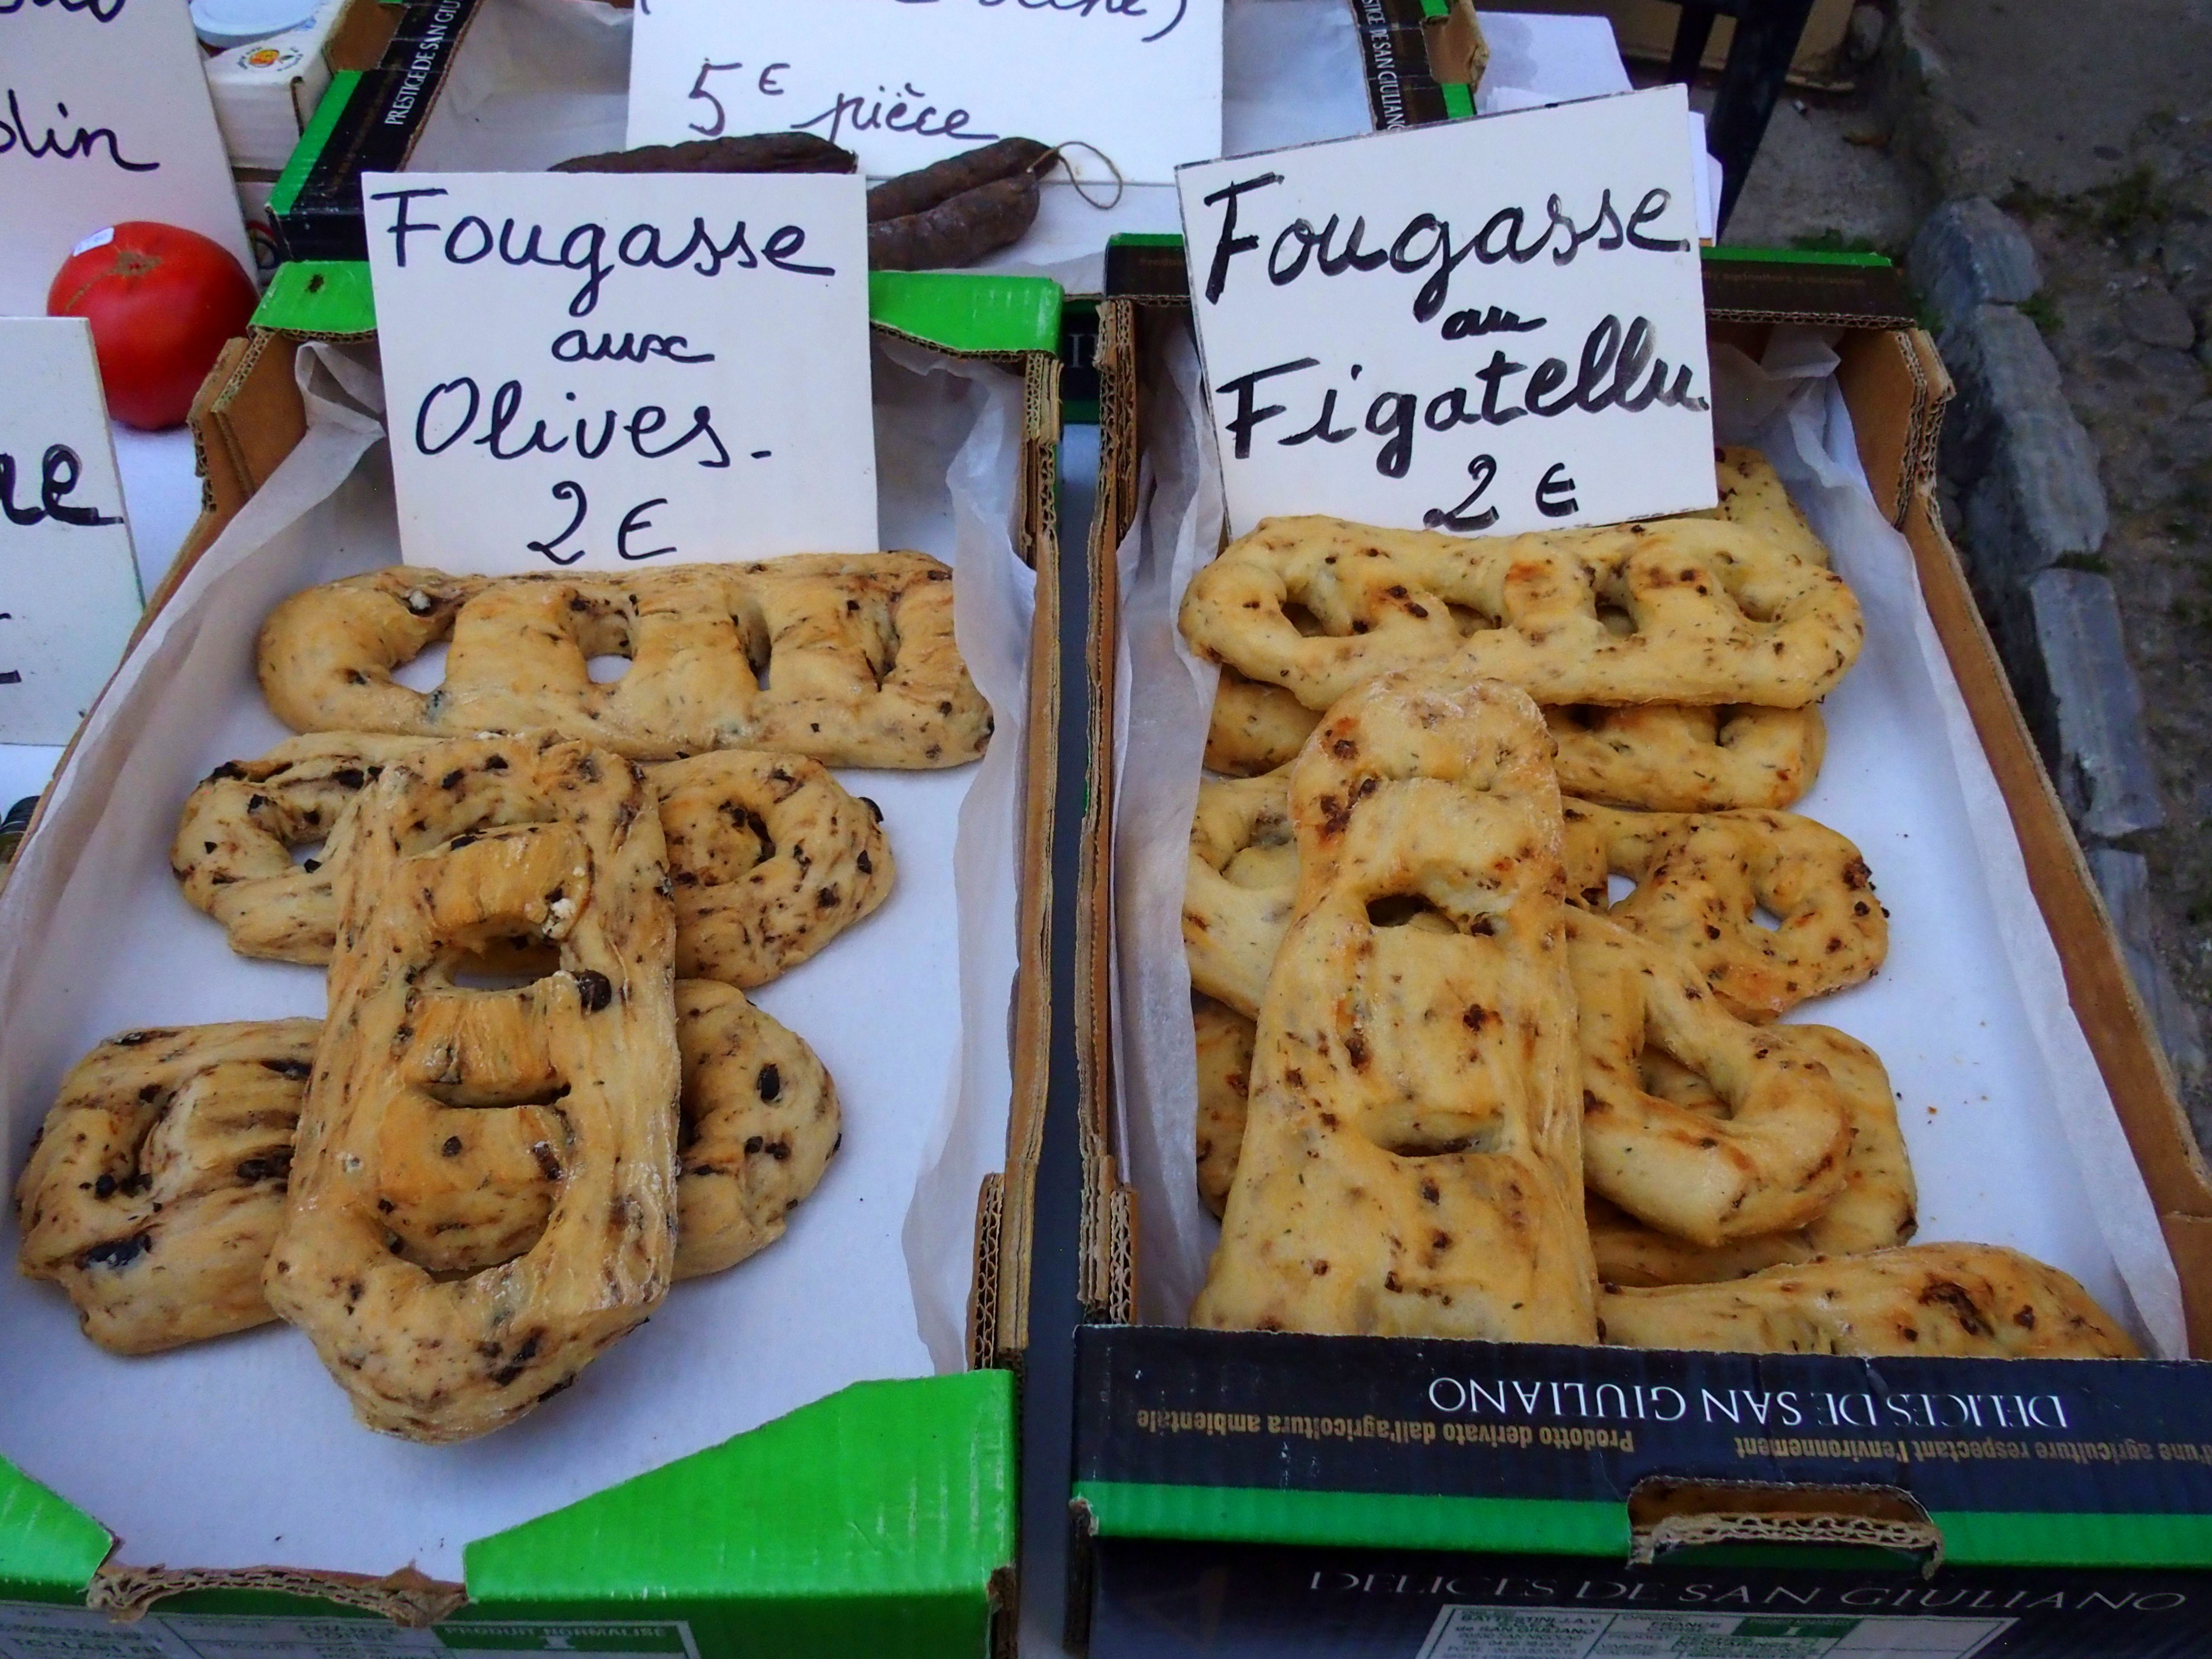 Fougasses cuisine slow food et slow tourisme Corse